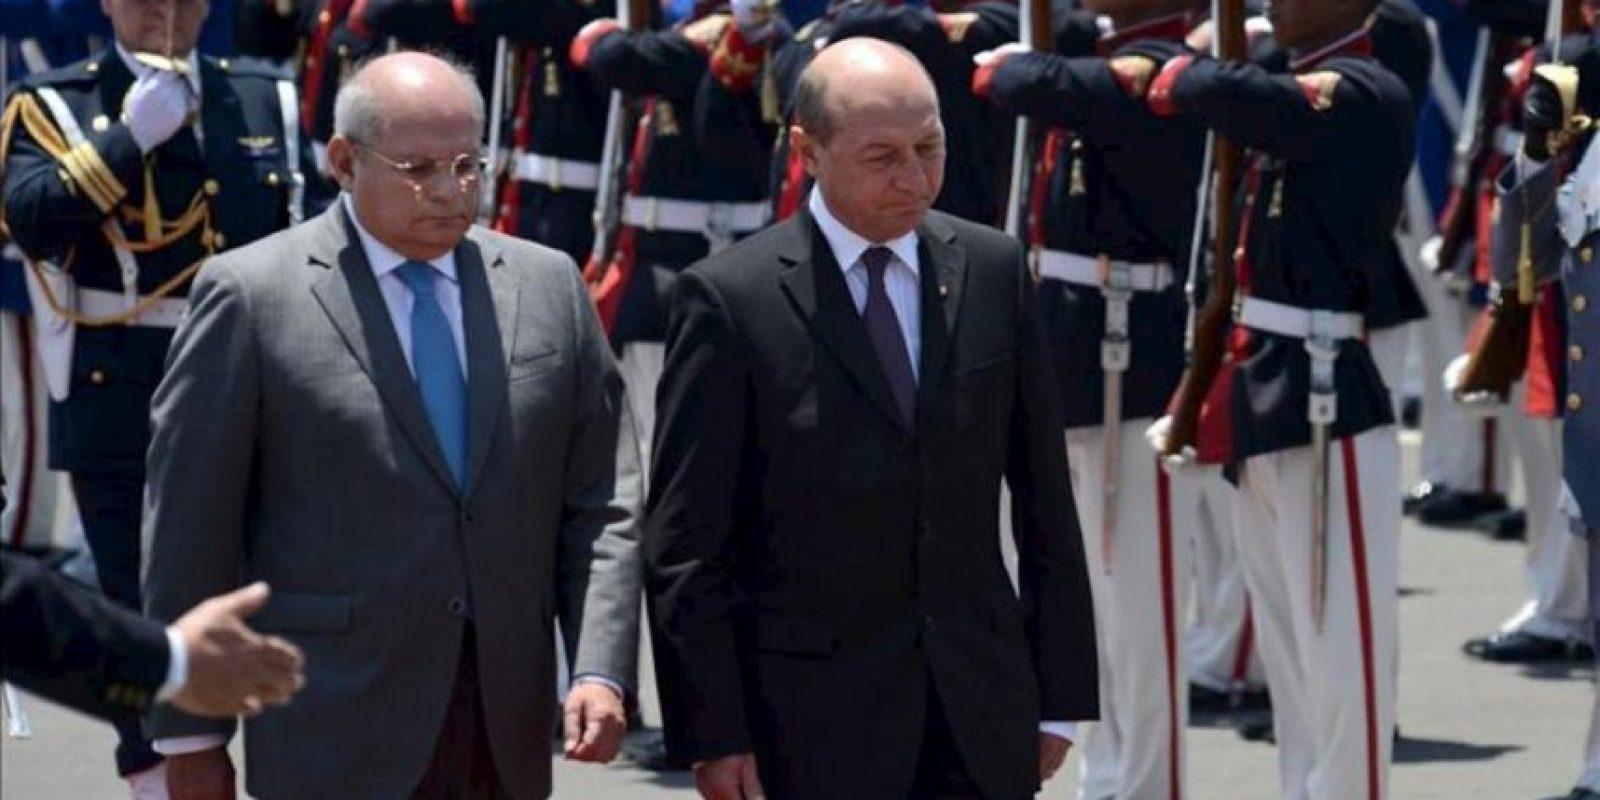 El ministro de Defensa peruano, Pedro Cateriano (i), recibió al presidente de Rumania, Traian Basescu (d), ayer 28 de enero a su llegada al aeropuerto militar Grupo 8 en Lima (Perú). EFE